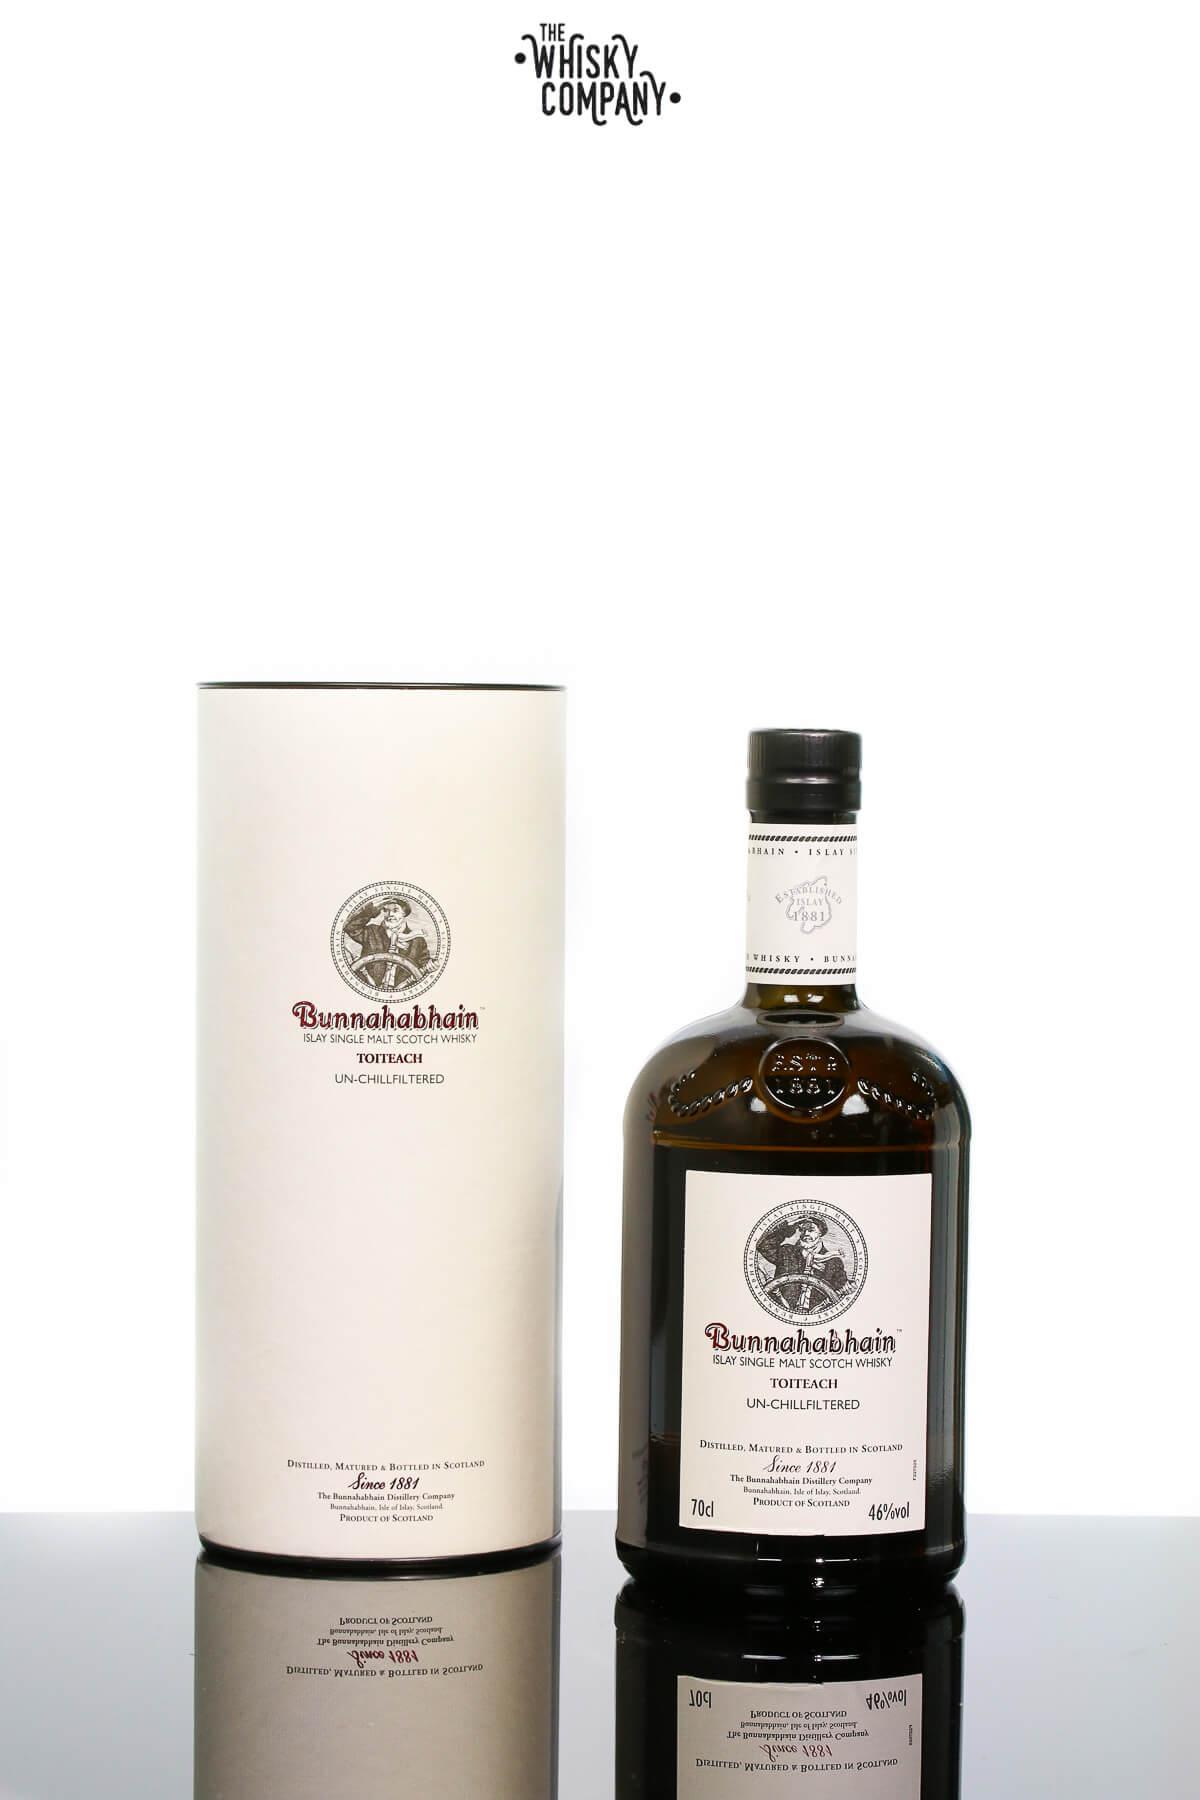 Bunnahabhain Toiteach Islay Single Malt Scotch Whisky (700ml)